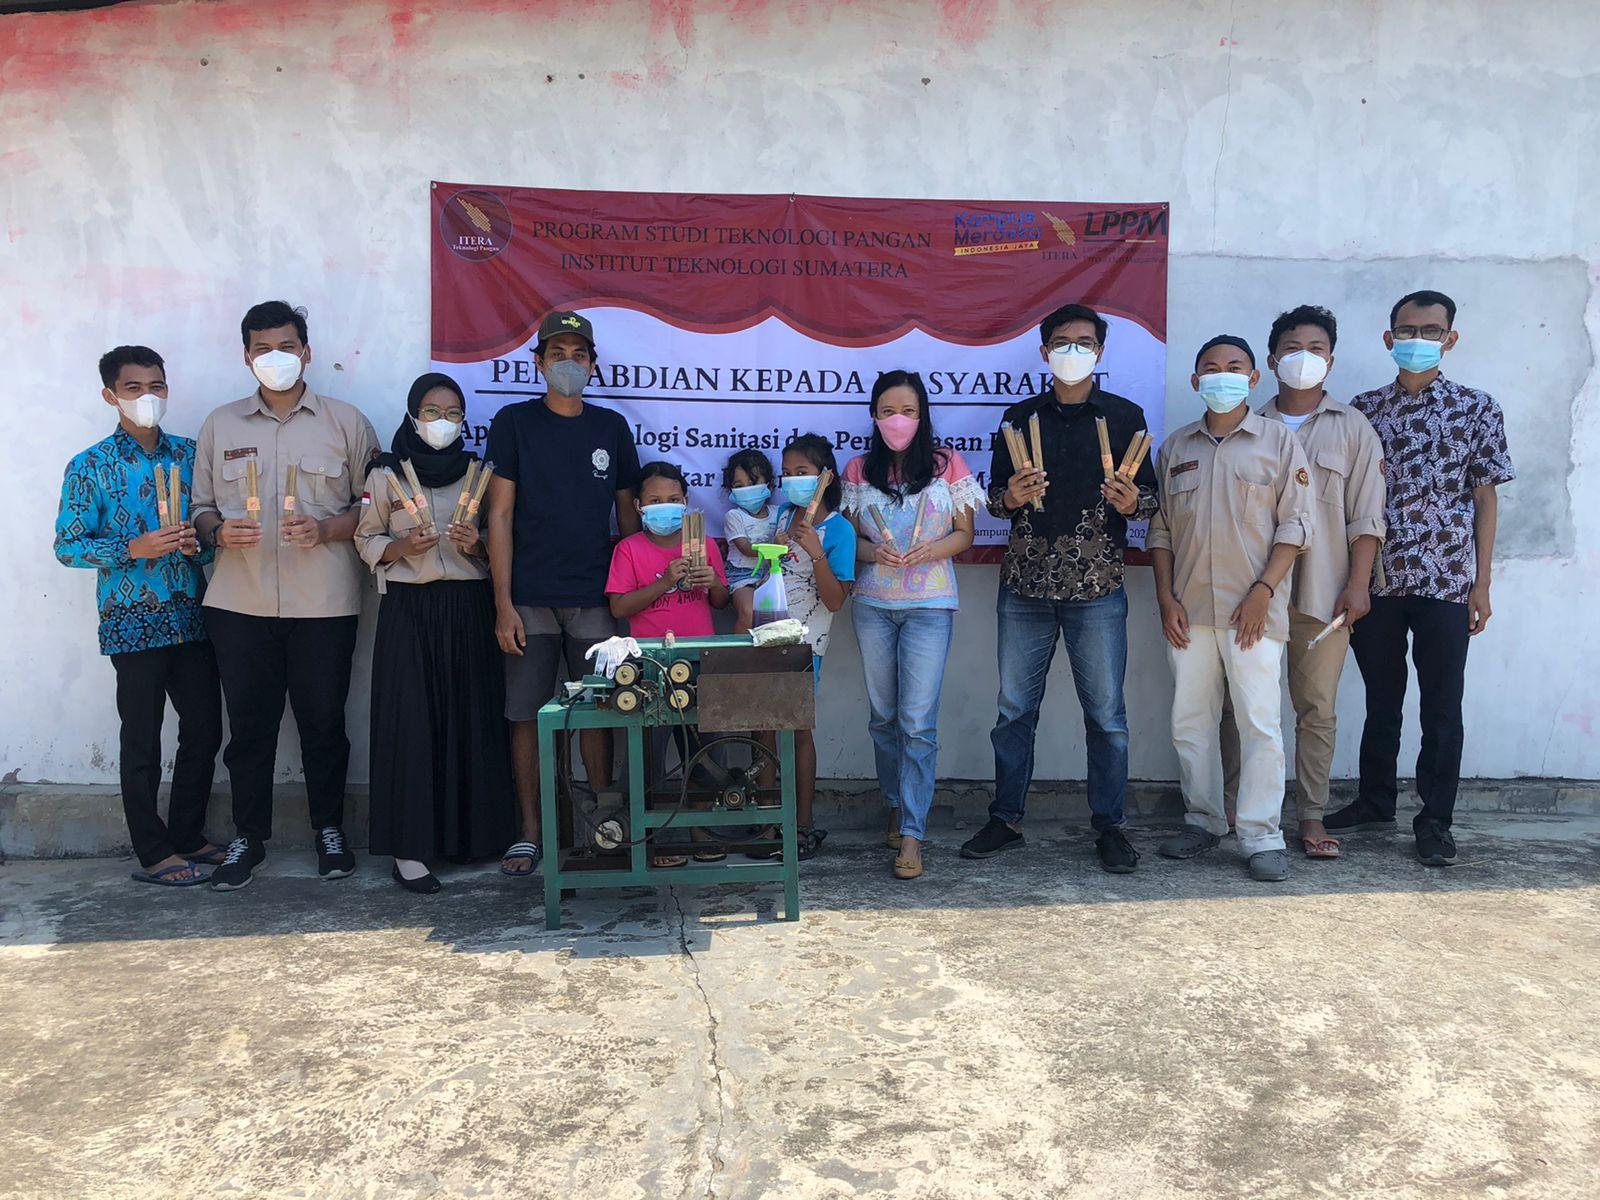 You are currently viewing Teknologi Pangan ITERA Aplikasikan Sanitasi dan Kemasan ke Tusuk Bakso di Lampung Timur